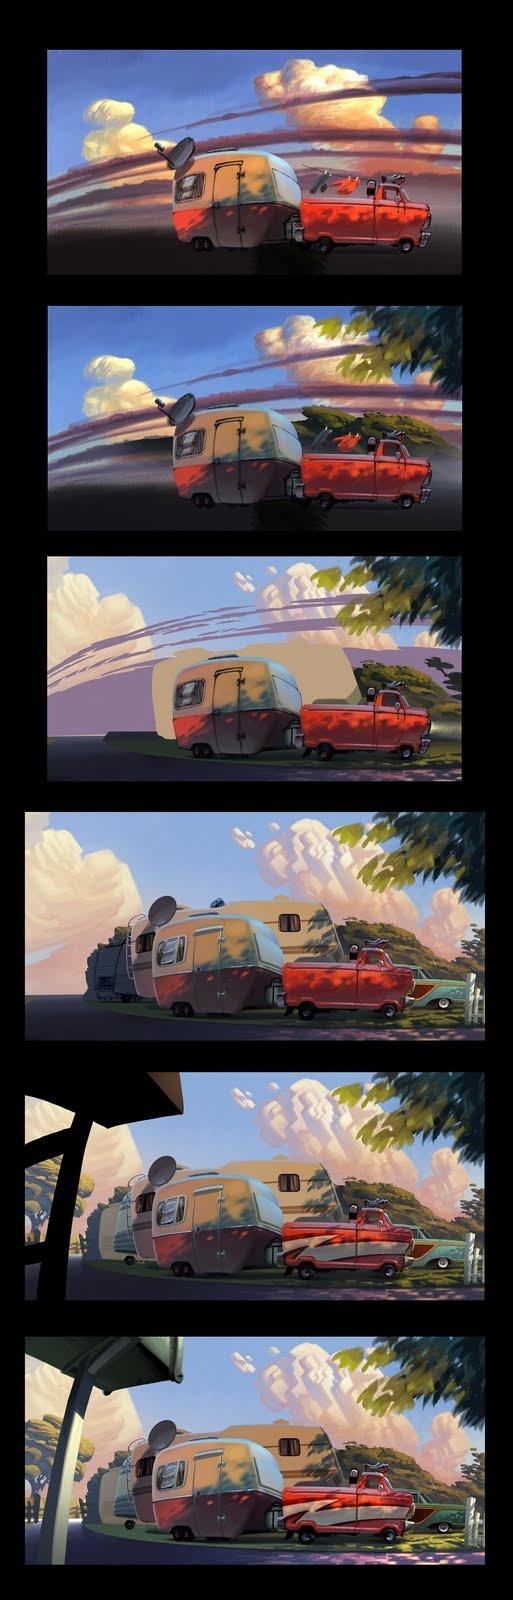 http://4.bp.blogspot.com/_9r8_RjaQZdo/TLu1BmDM_FI/AAAAAAAABO0/ADHA8VRbQlk/s1600/process-trailerpark.jpg